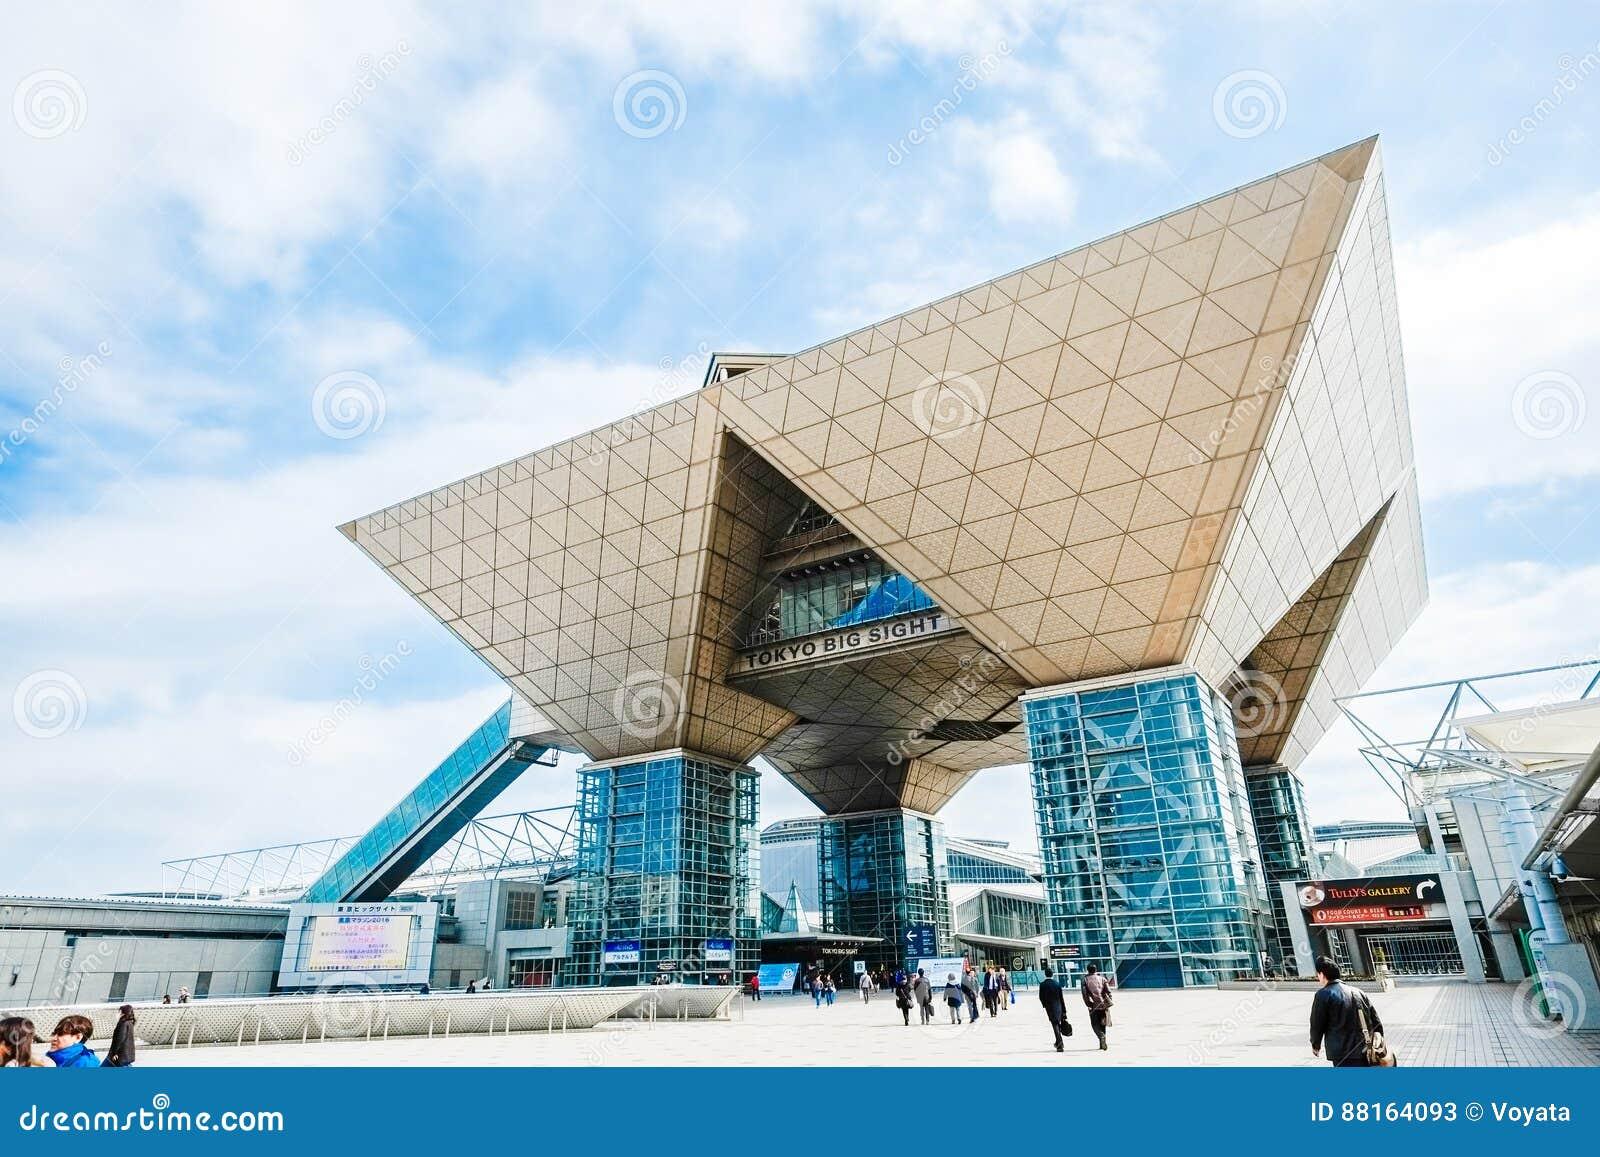 Διεθνής μεγάλη θέα του κεντρικού Τόκιο έκθεσης του Τόκιο σε Ariake, Τόκιο